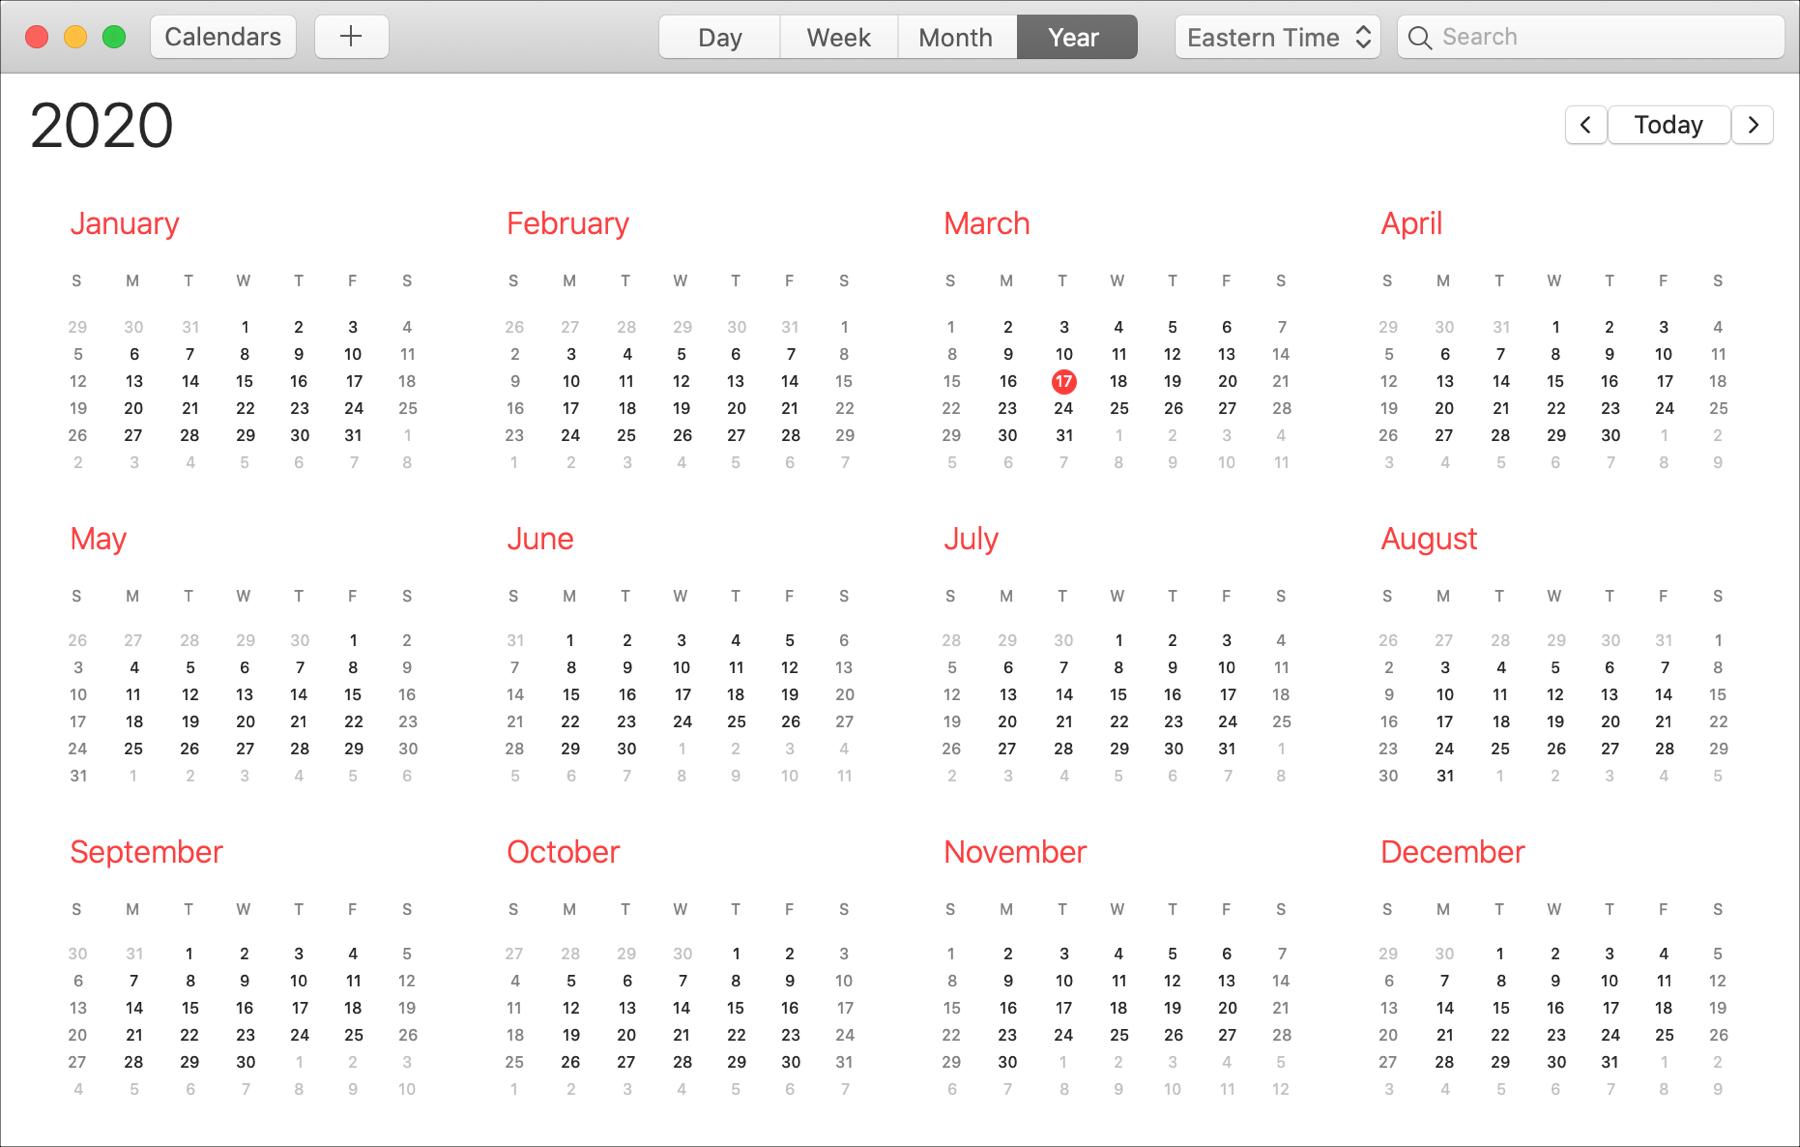 Lịch năm trên Mac